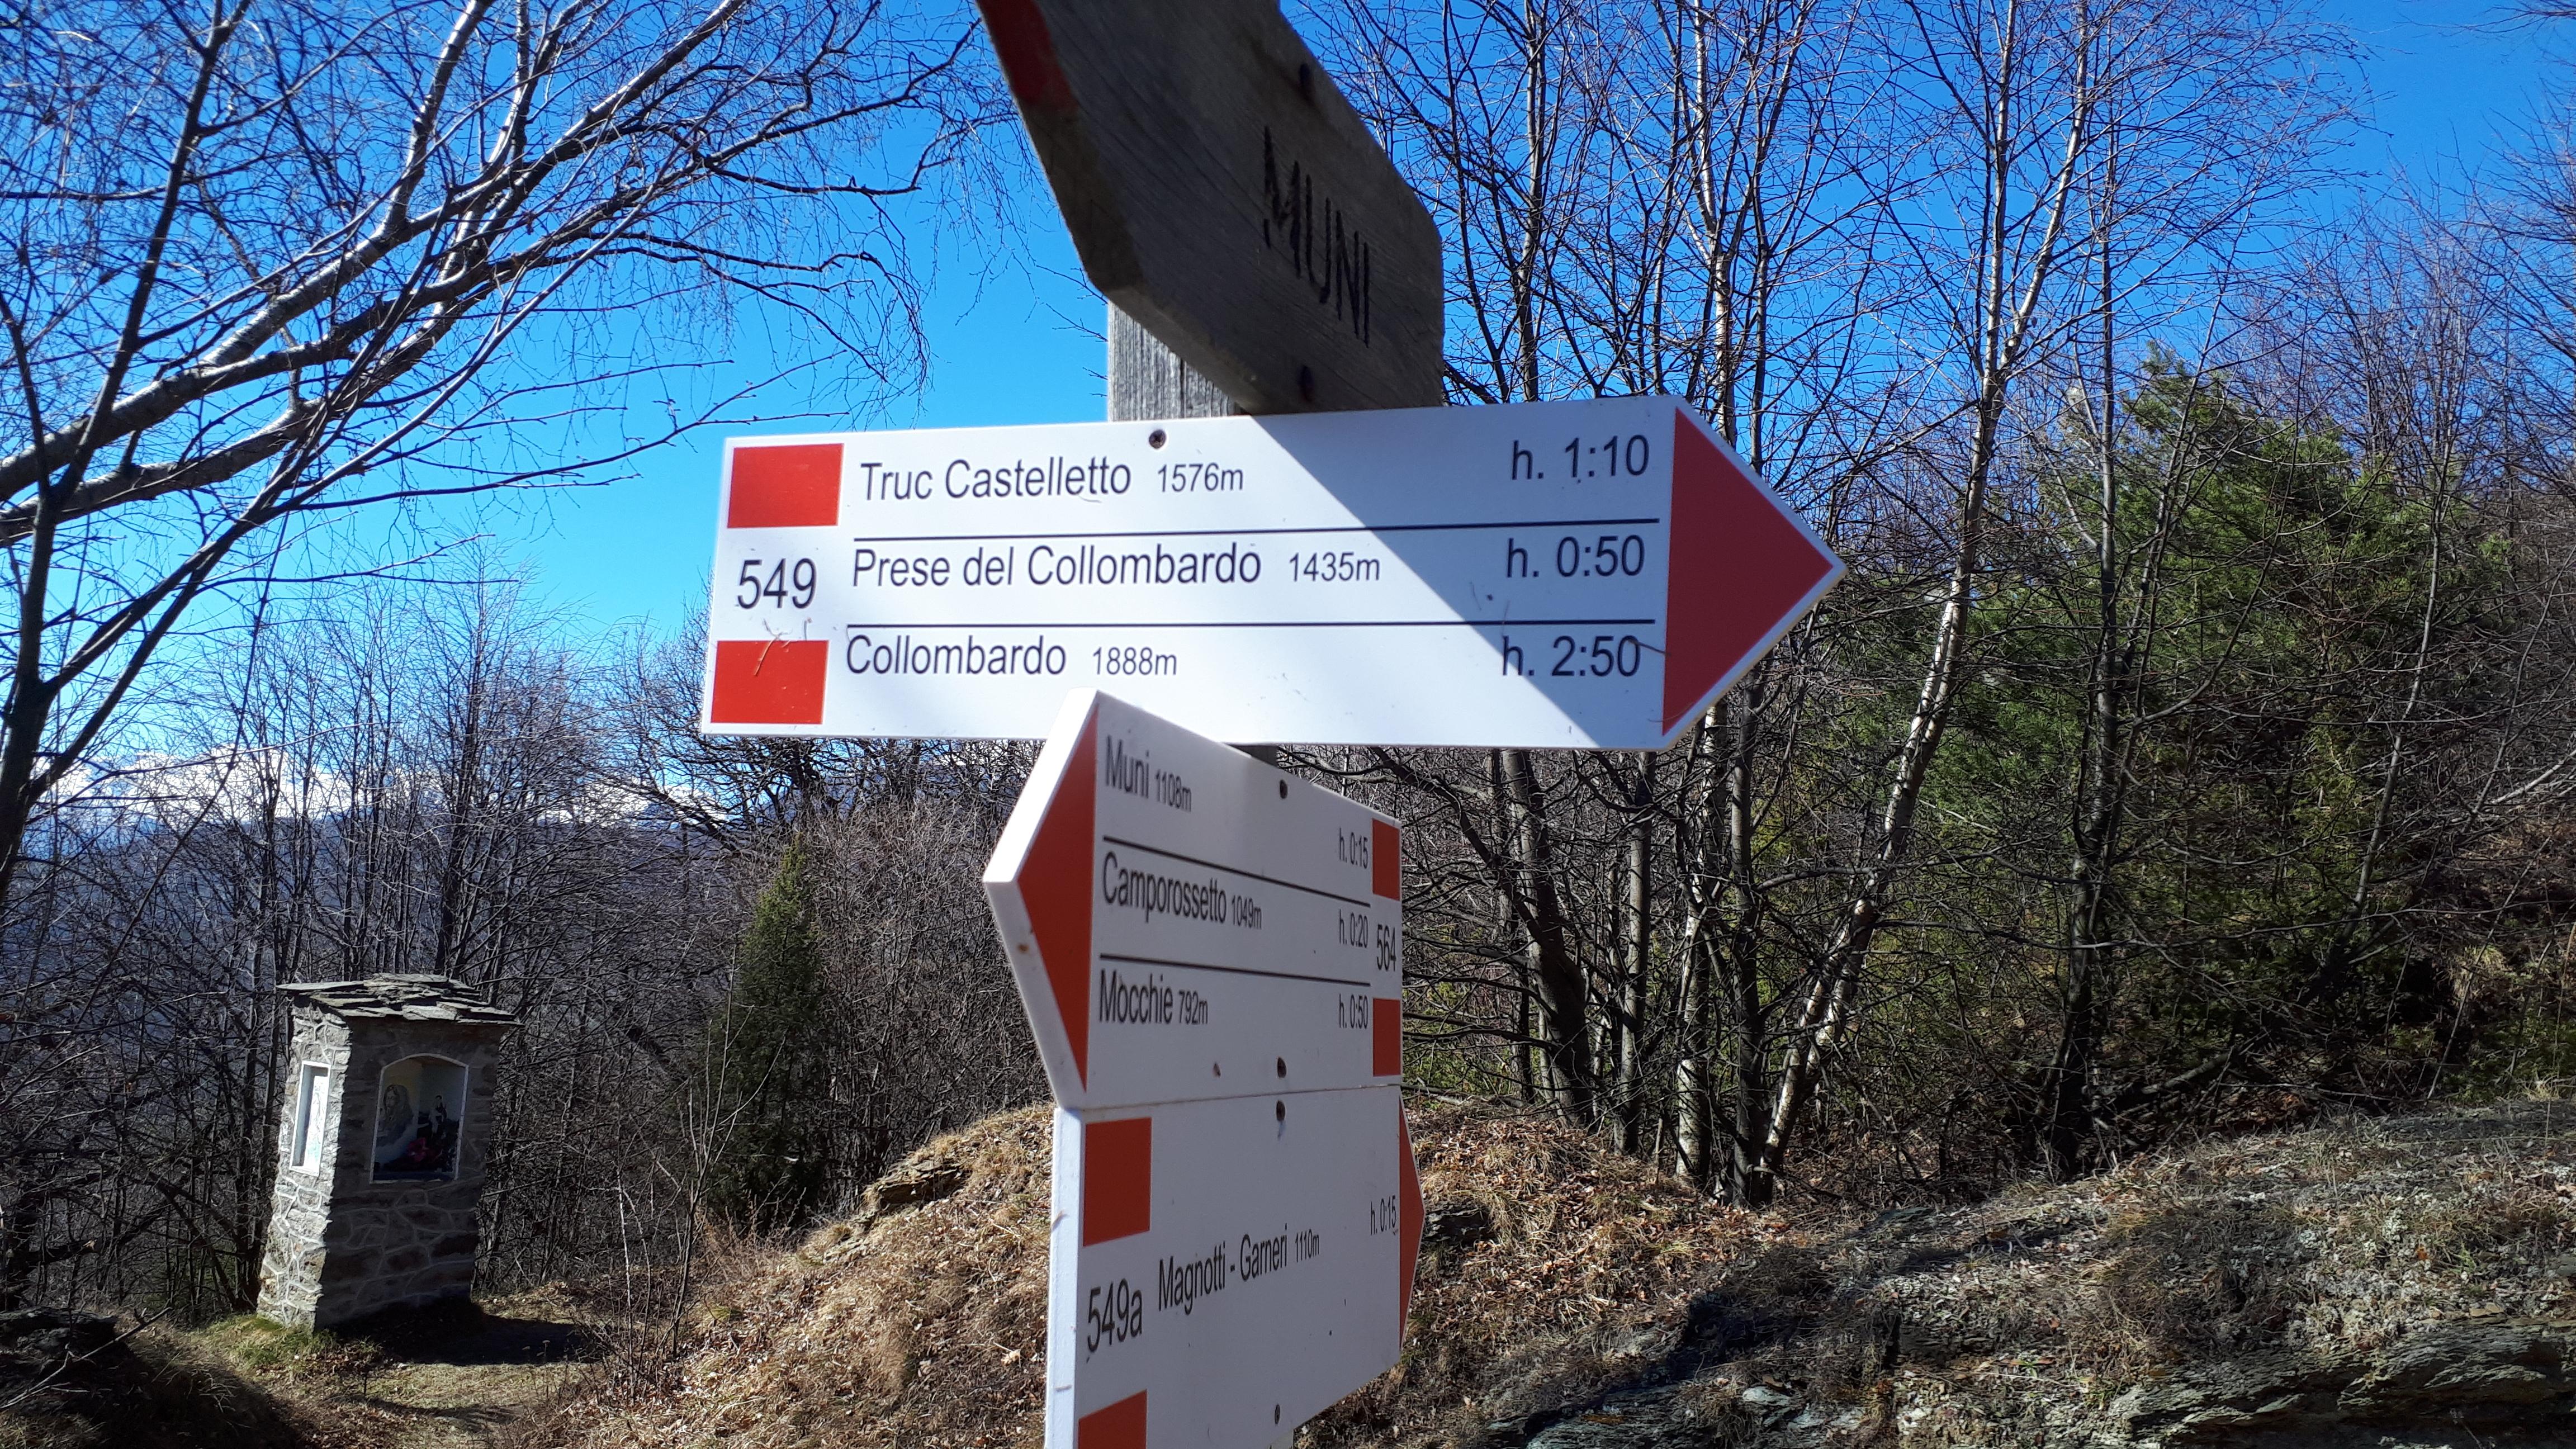 Segnaletica al Truc del Castelletto